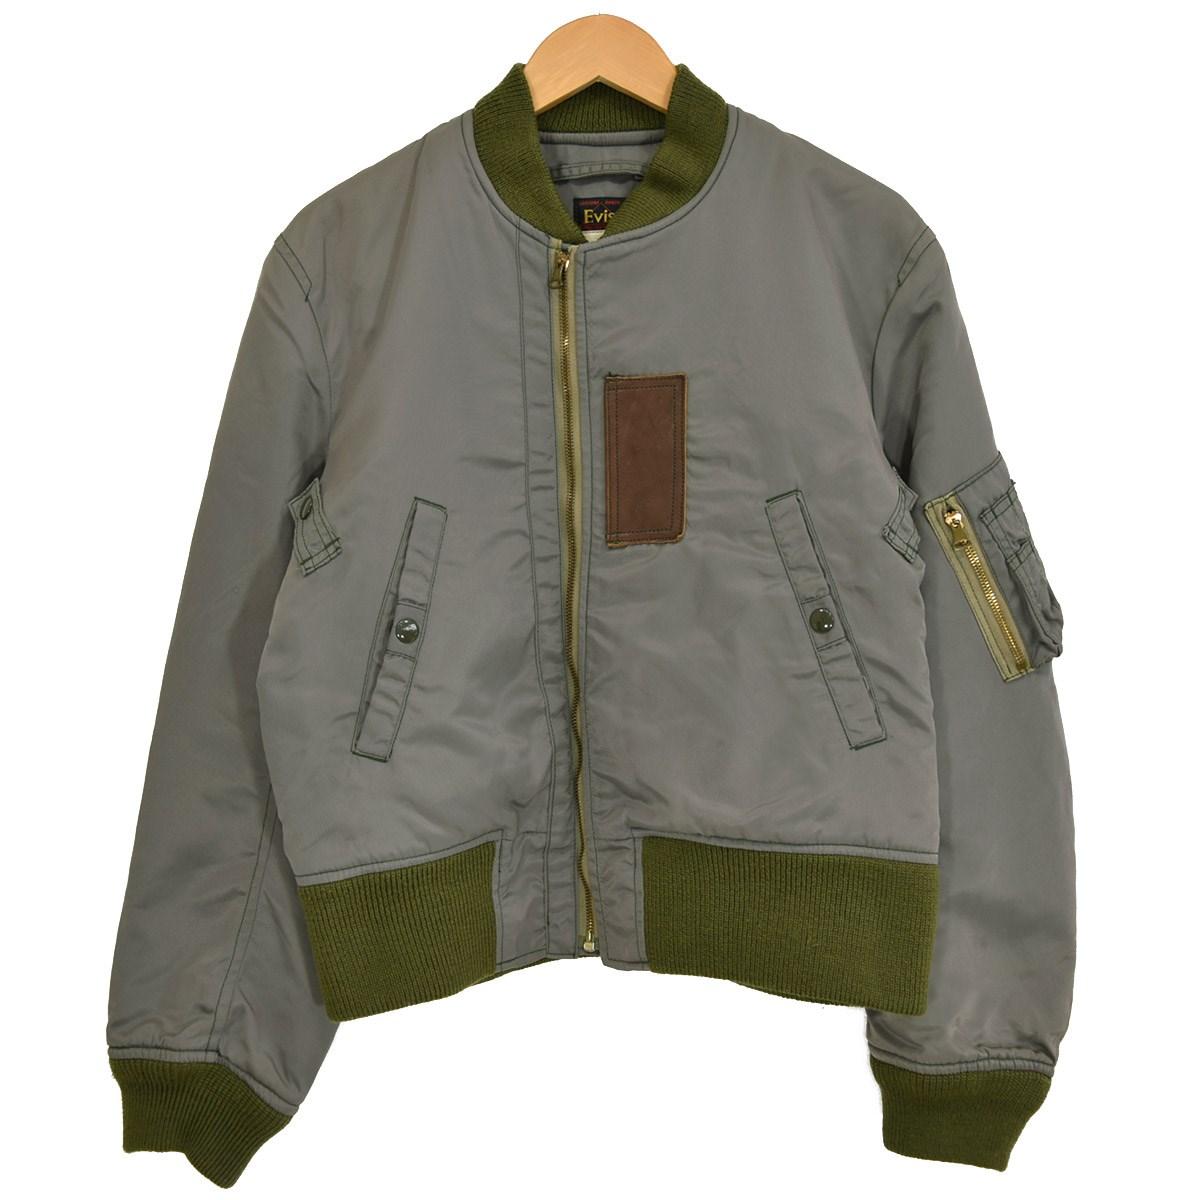 【中古】EVISU MA-1ジャケット 初期EVISU三角タグ セージグリーン サイズ:38 【040220】(エヴィス)